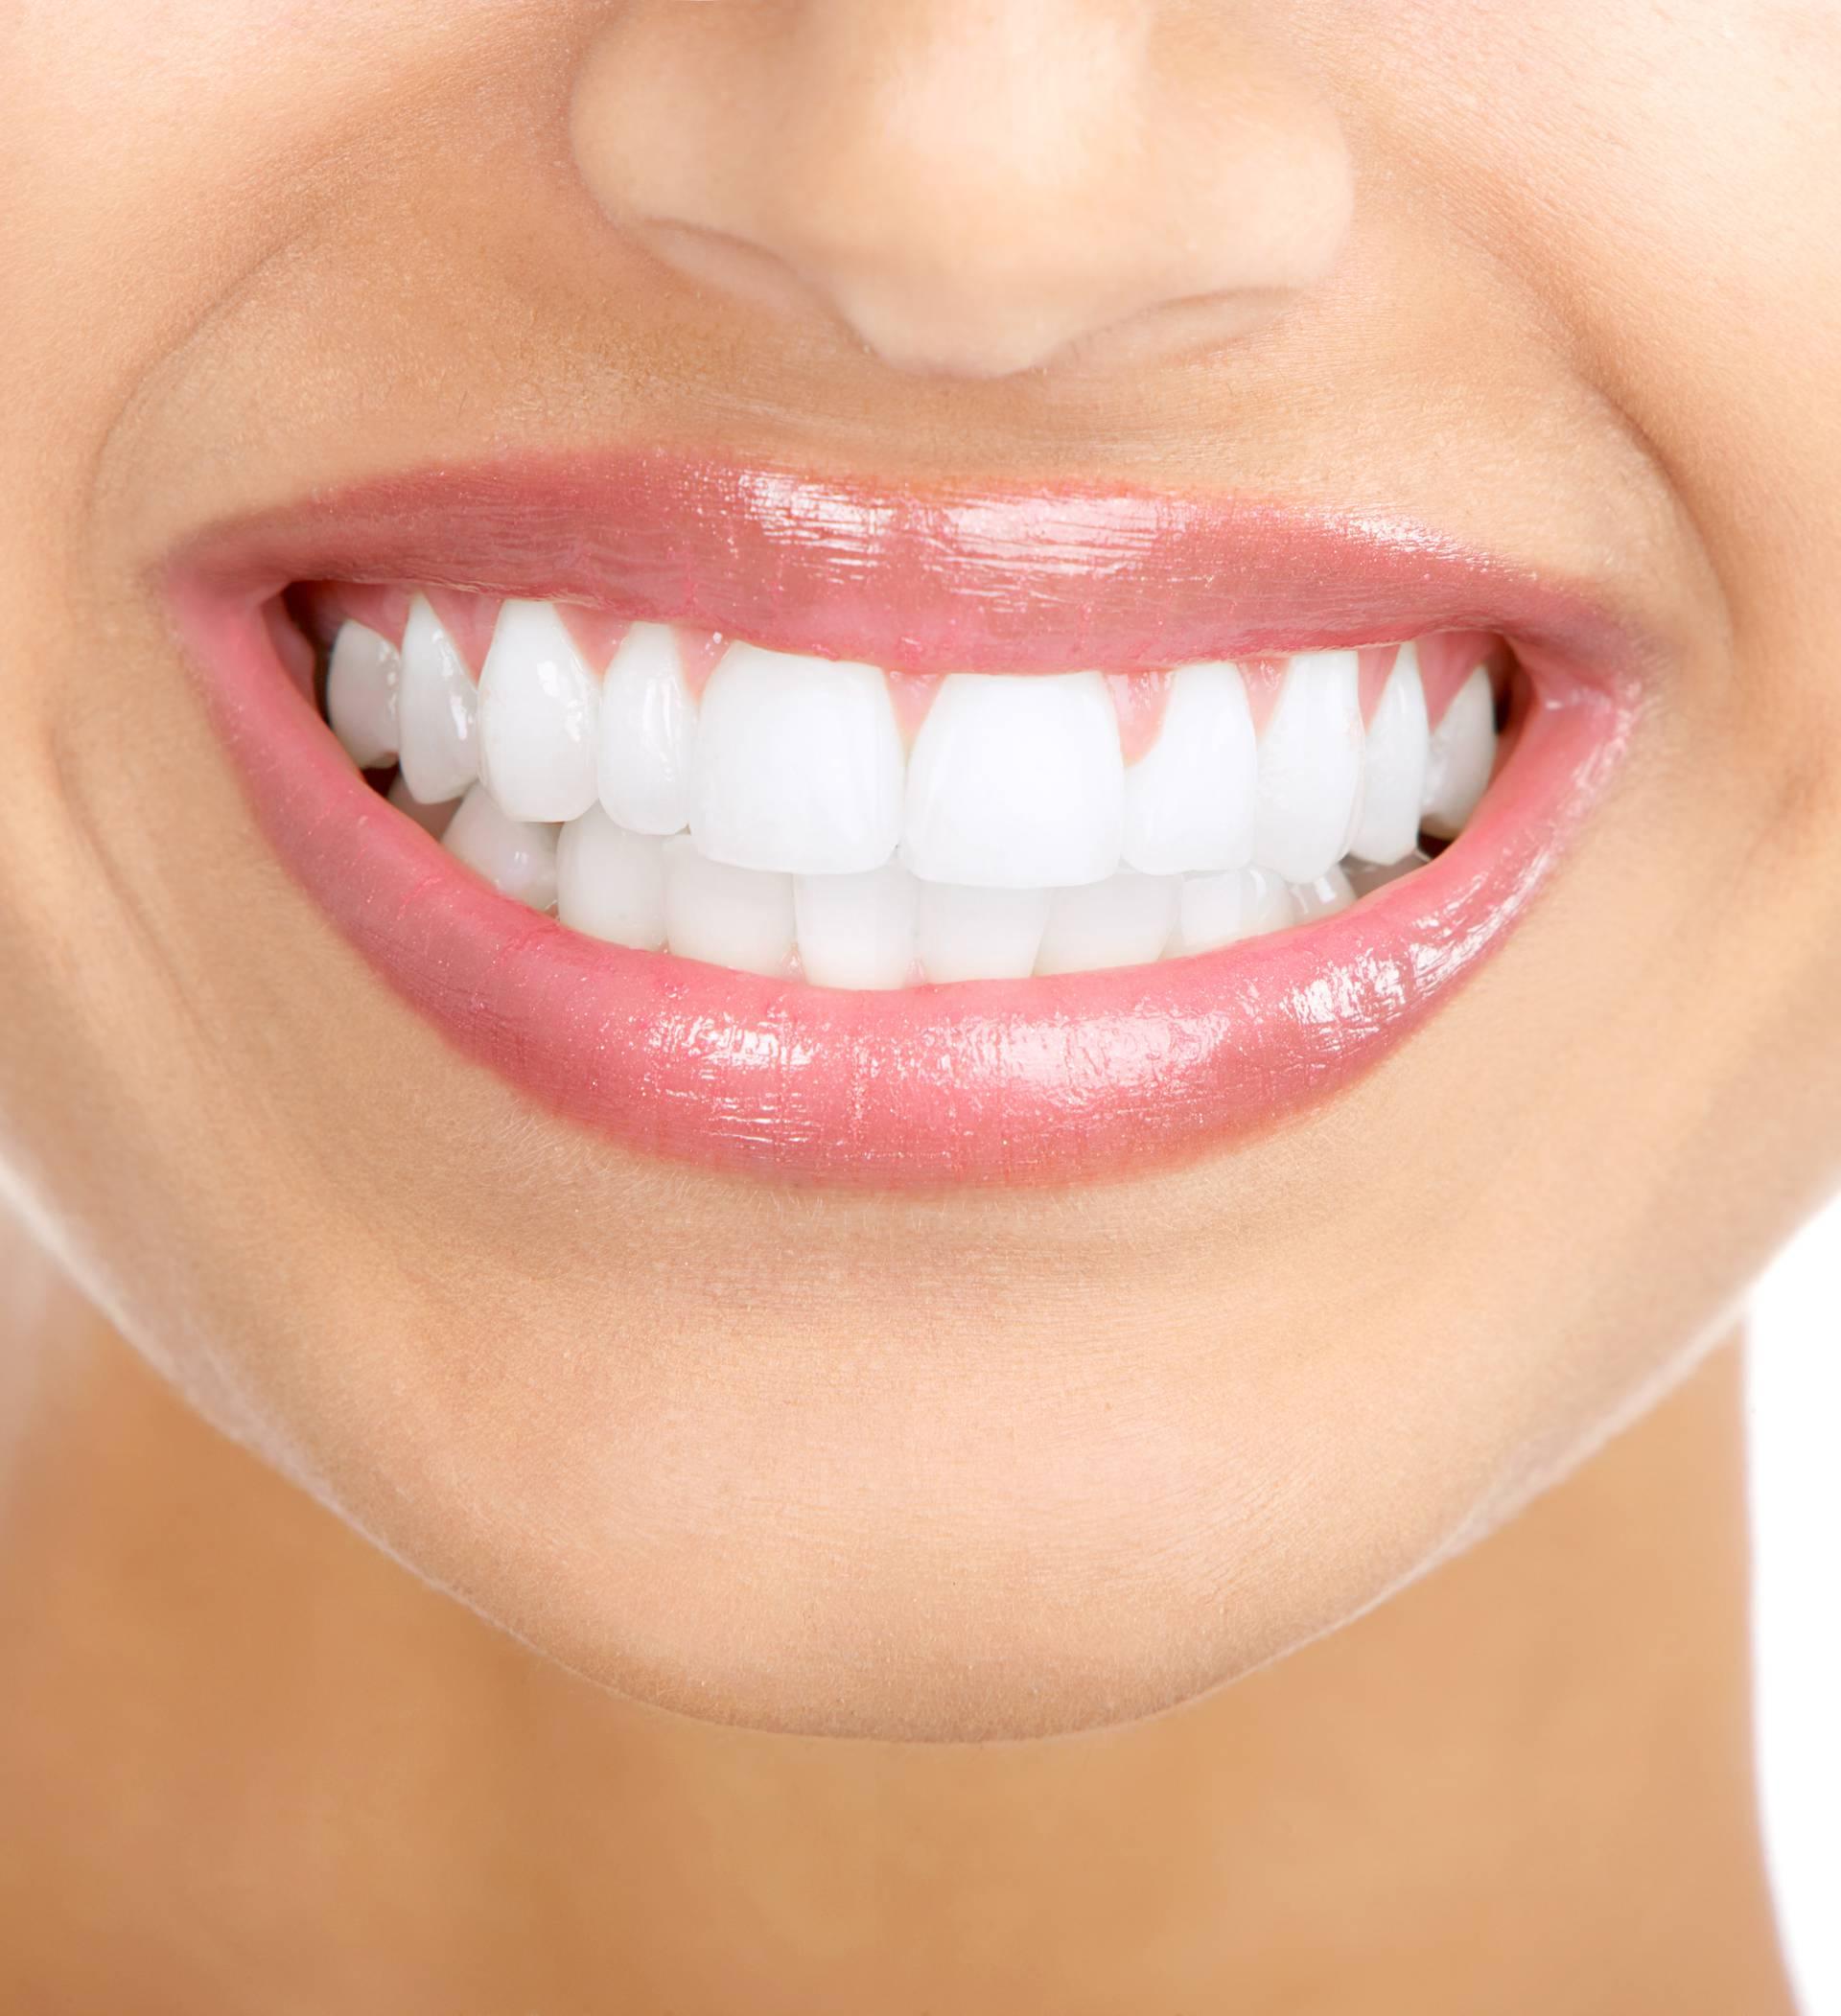 Koliko zuba ste do sad izgubili? To otkriva do kad ćete živjeti